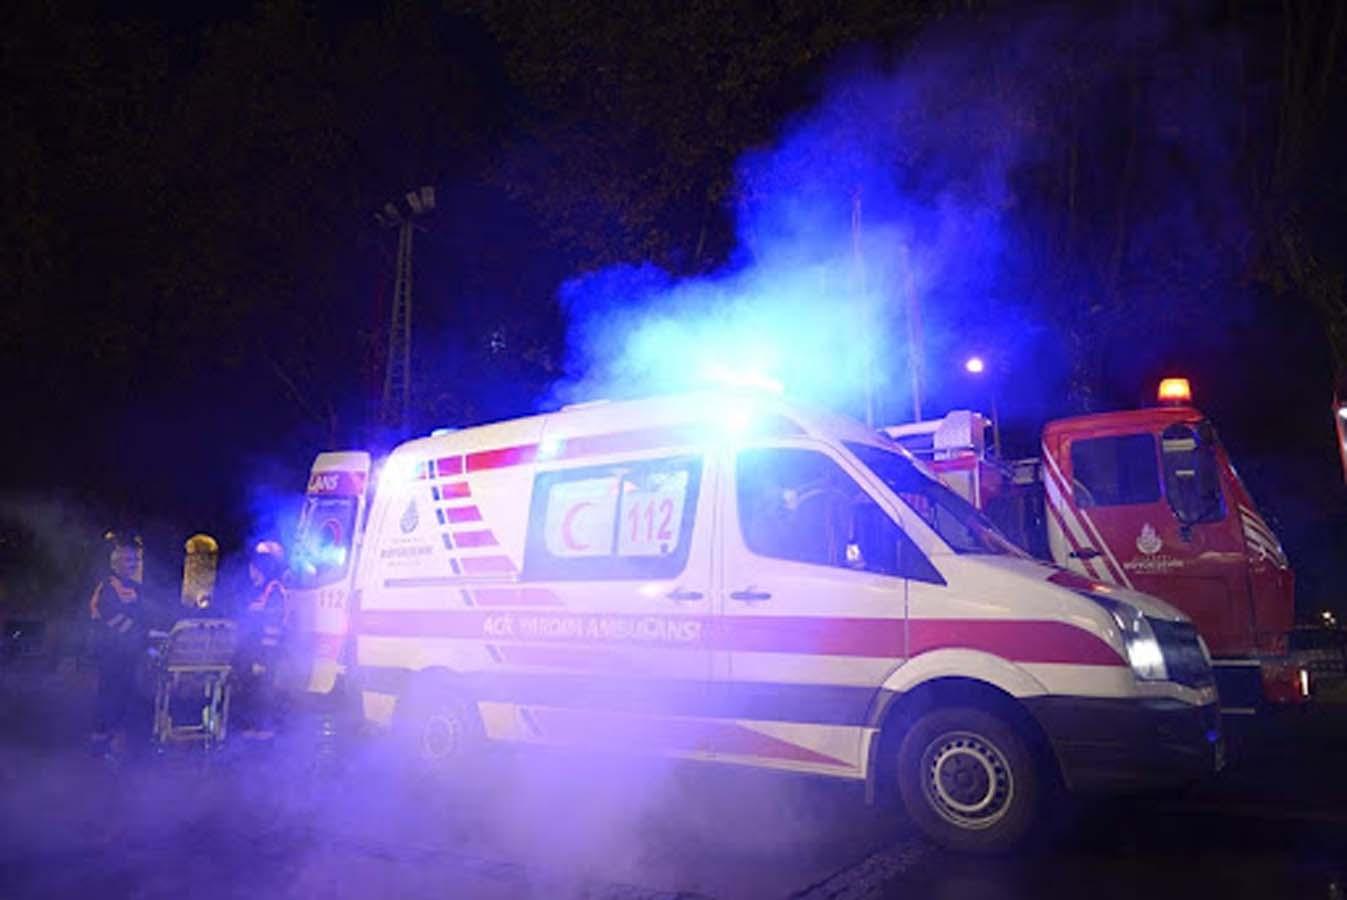 Oto elektrikçide LPG tüpü patladı: 11 yaşındaki çocuk öldü!